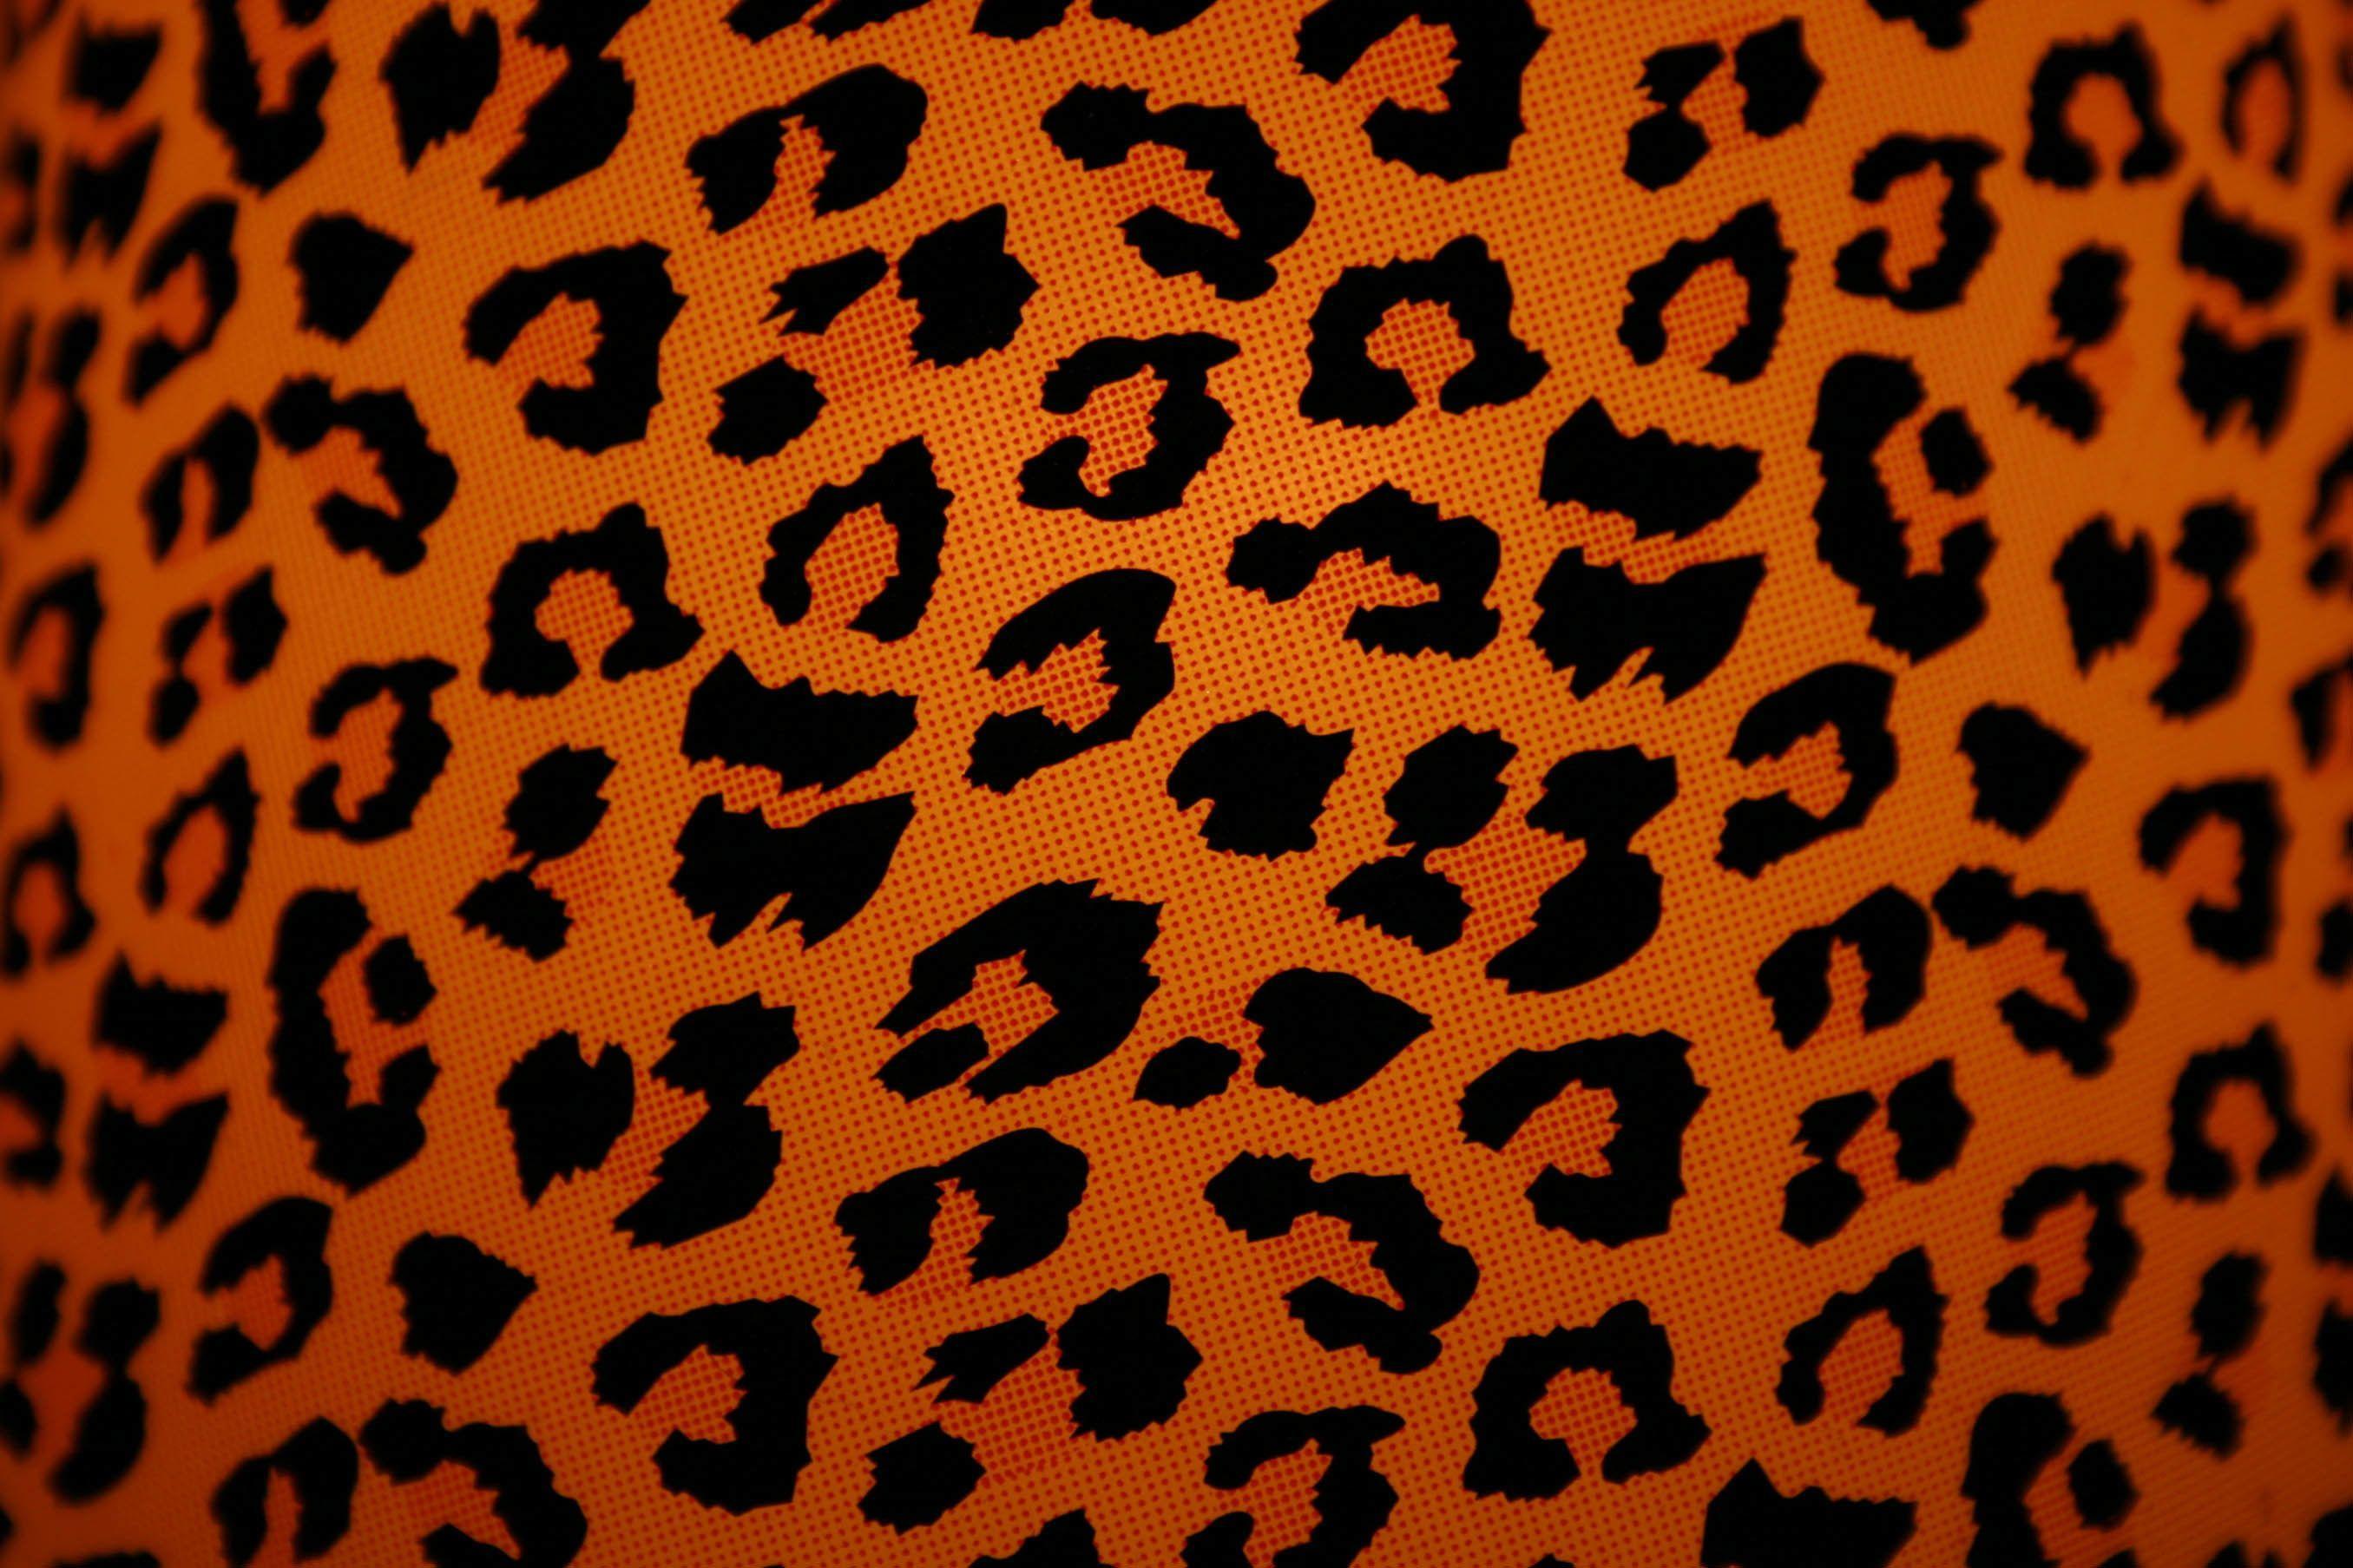 2711x1807 Hình ảnh của Cheetah Print Wallpaper